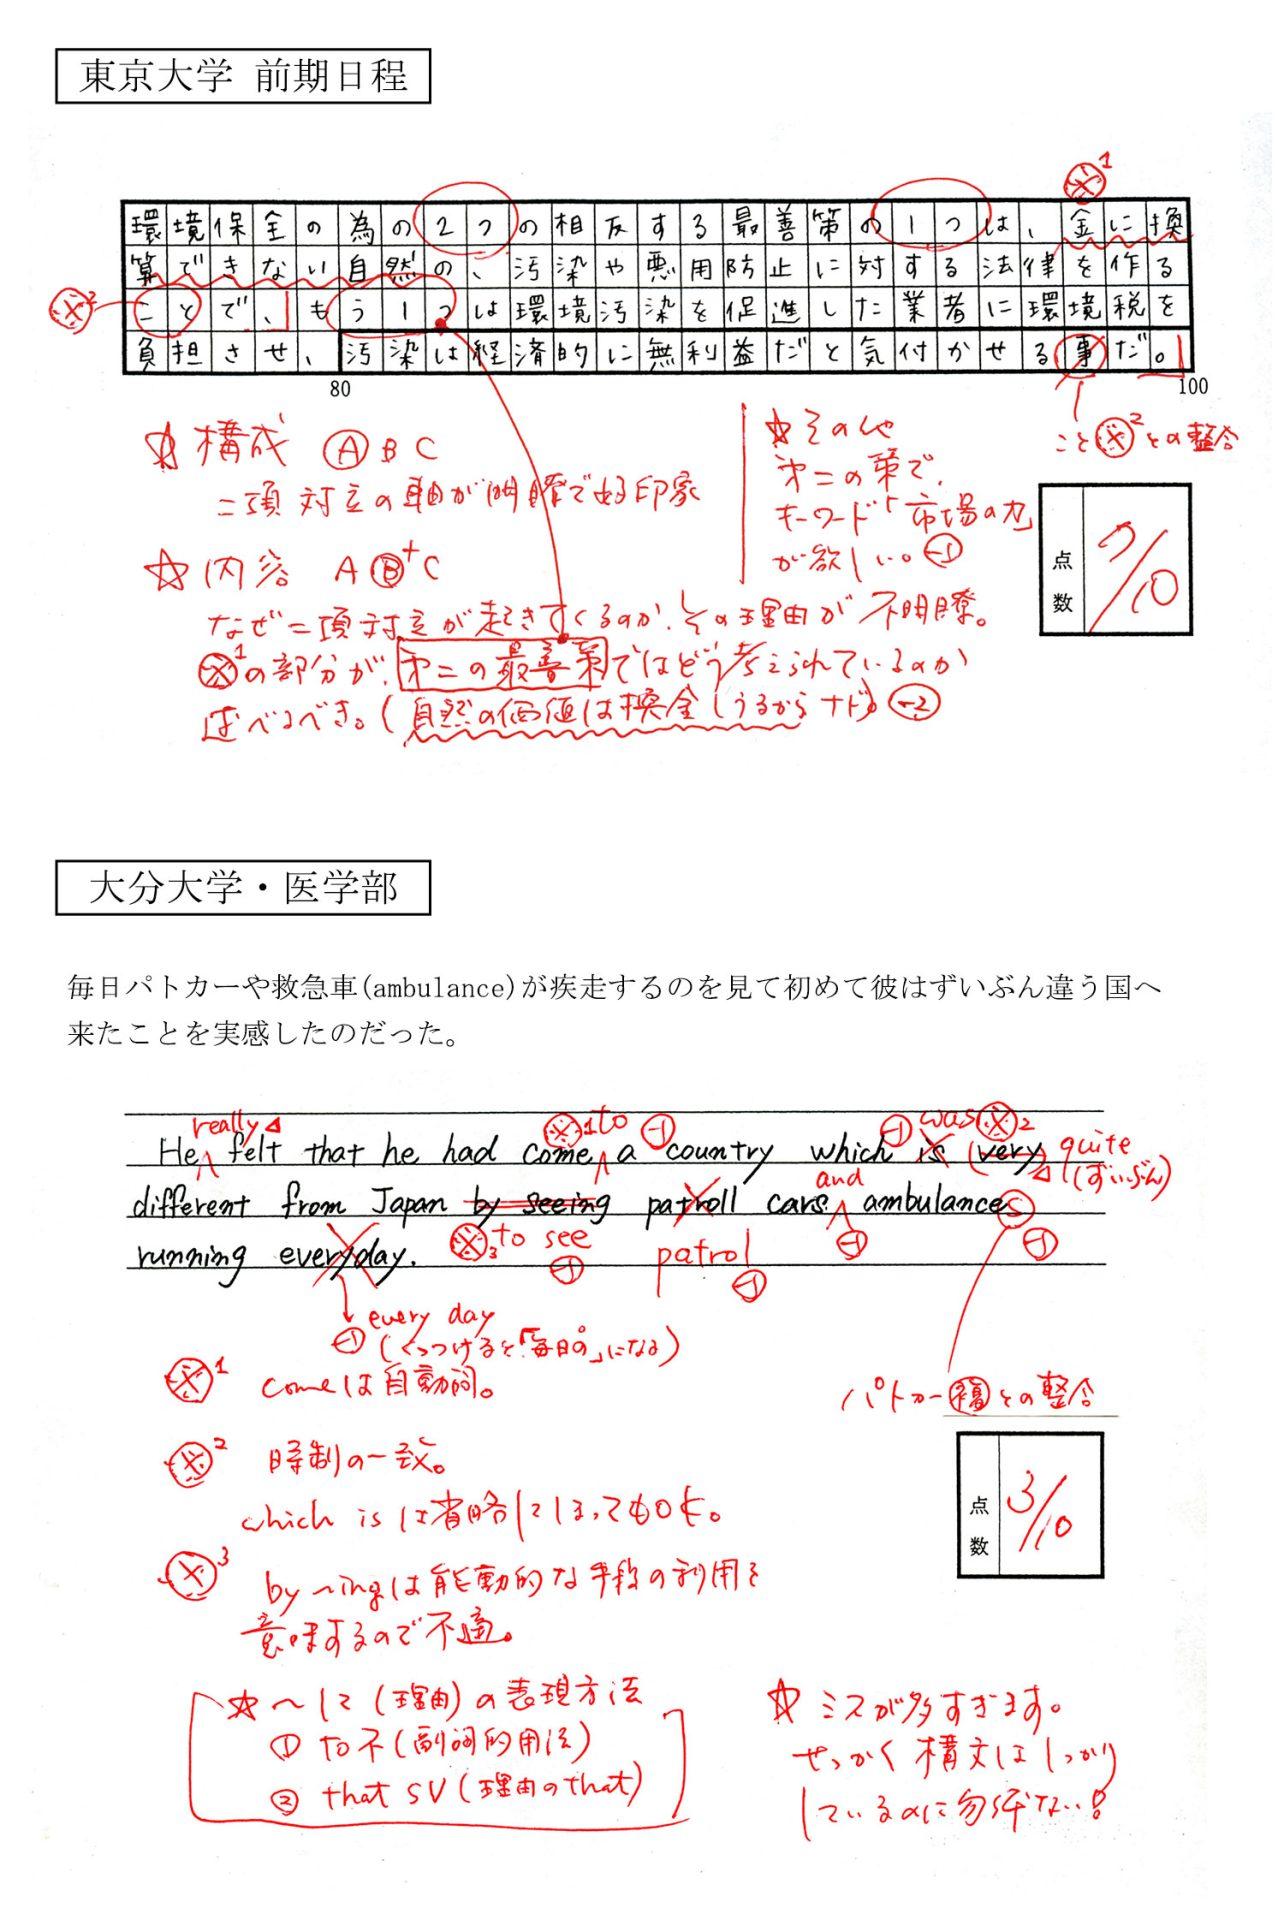 英語添削の例